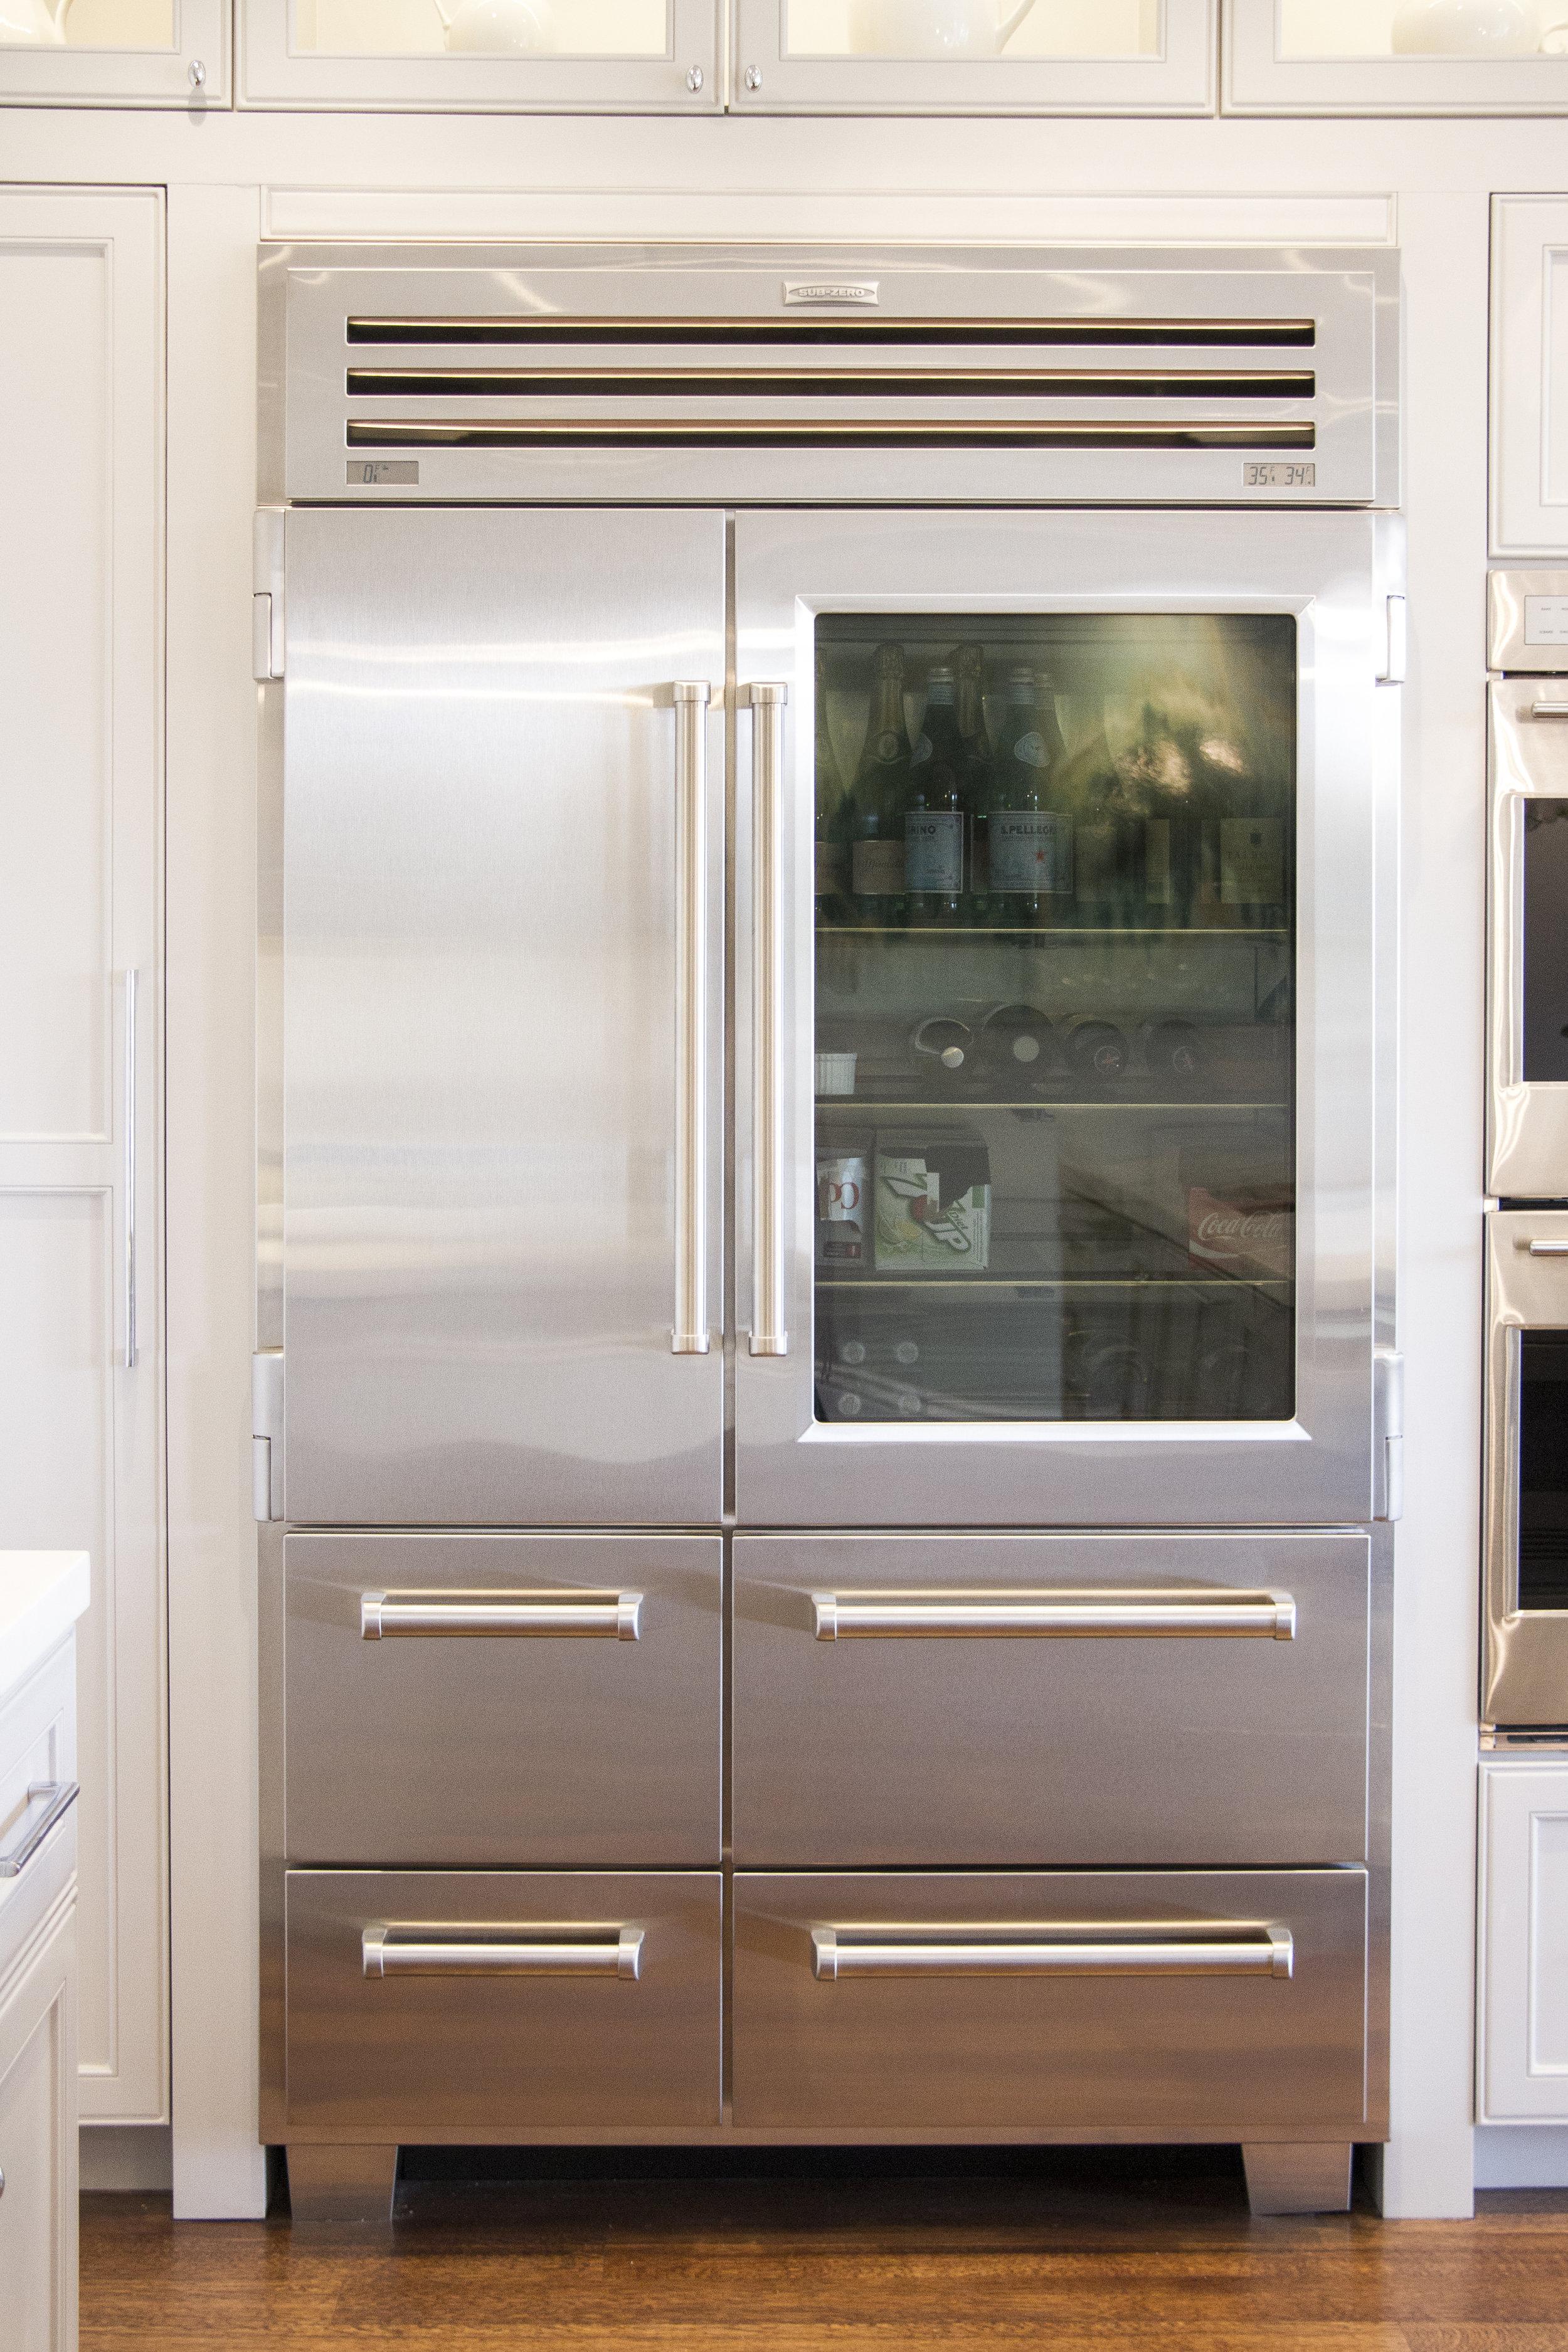 kitchen, fridge, stainless steel, white kitchen, simple, lighting, window cabinets, hardwood floor